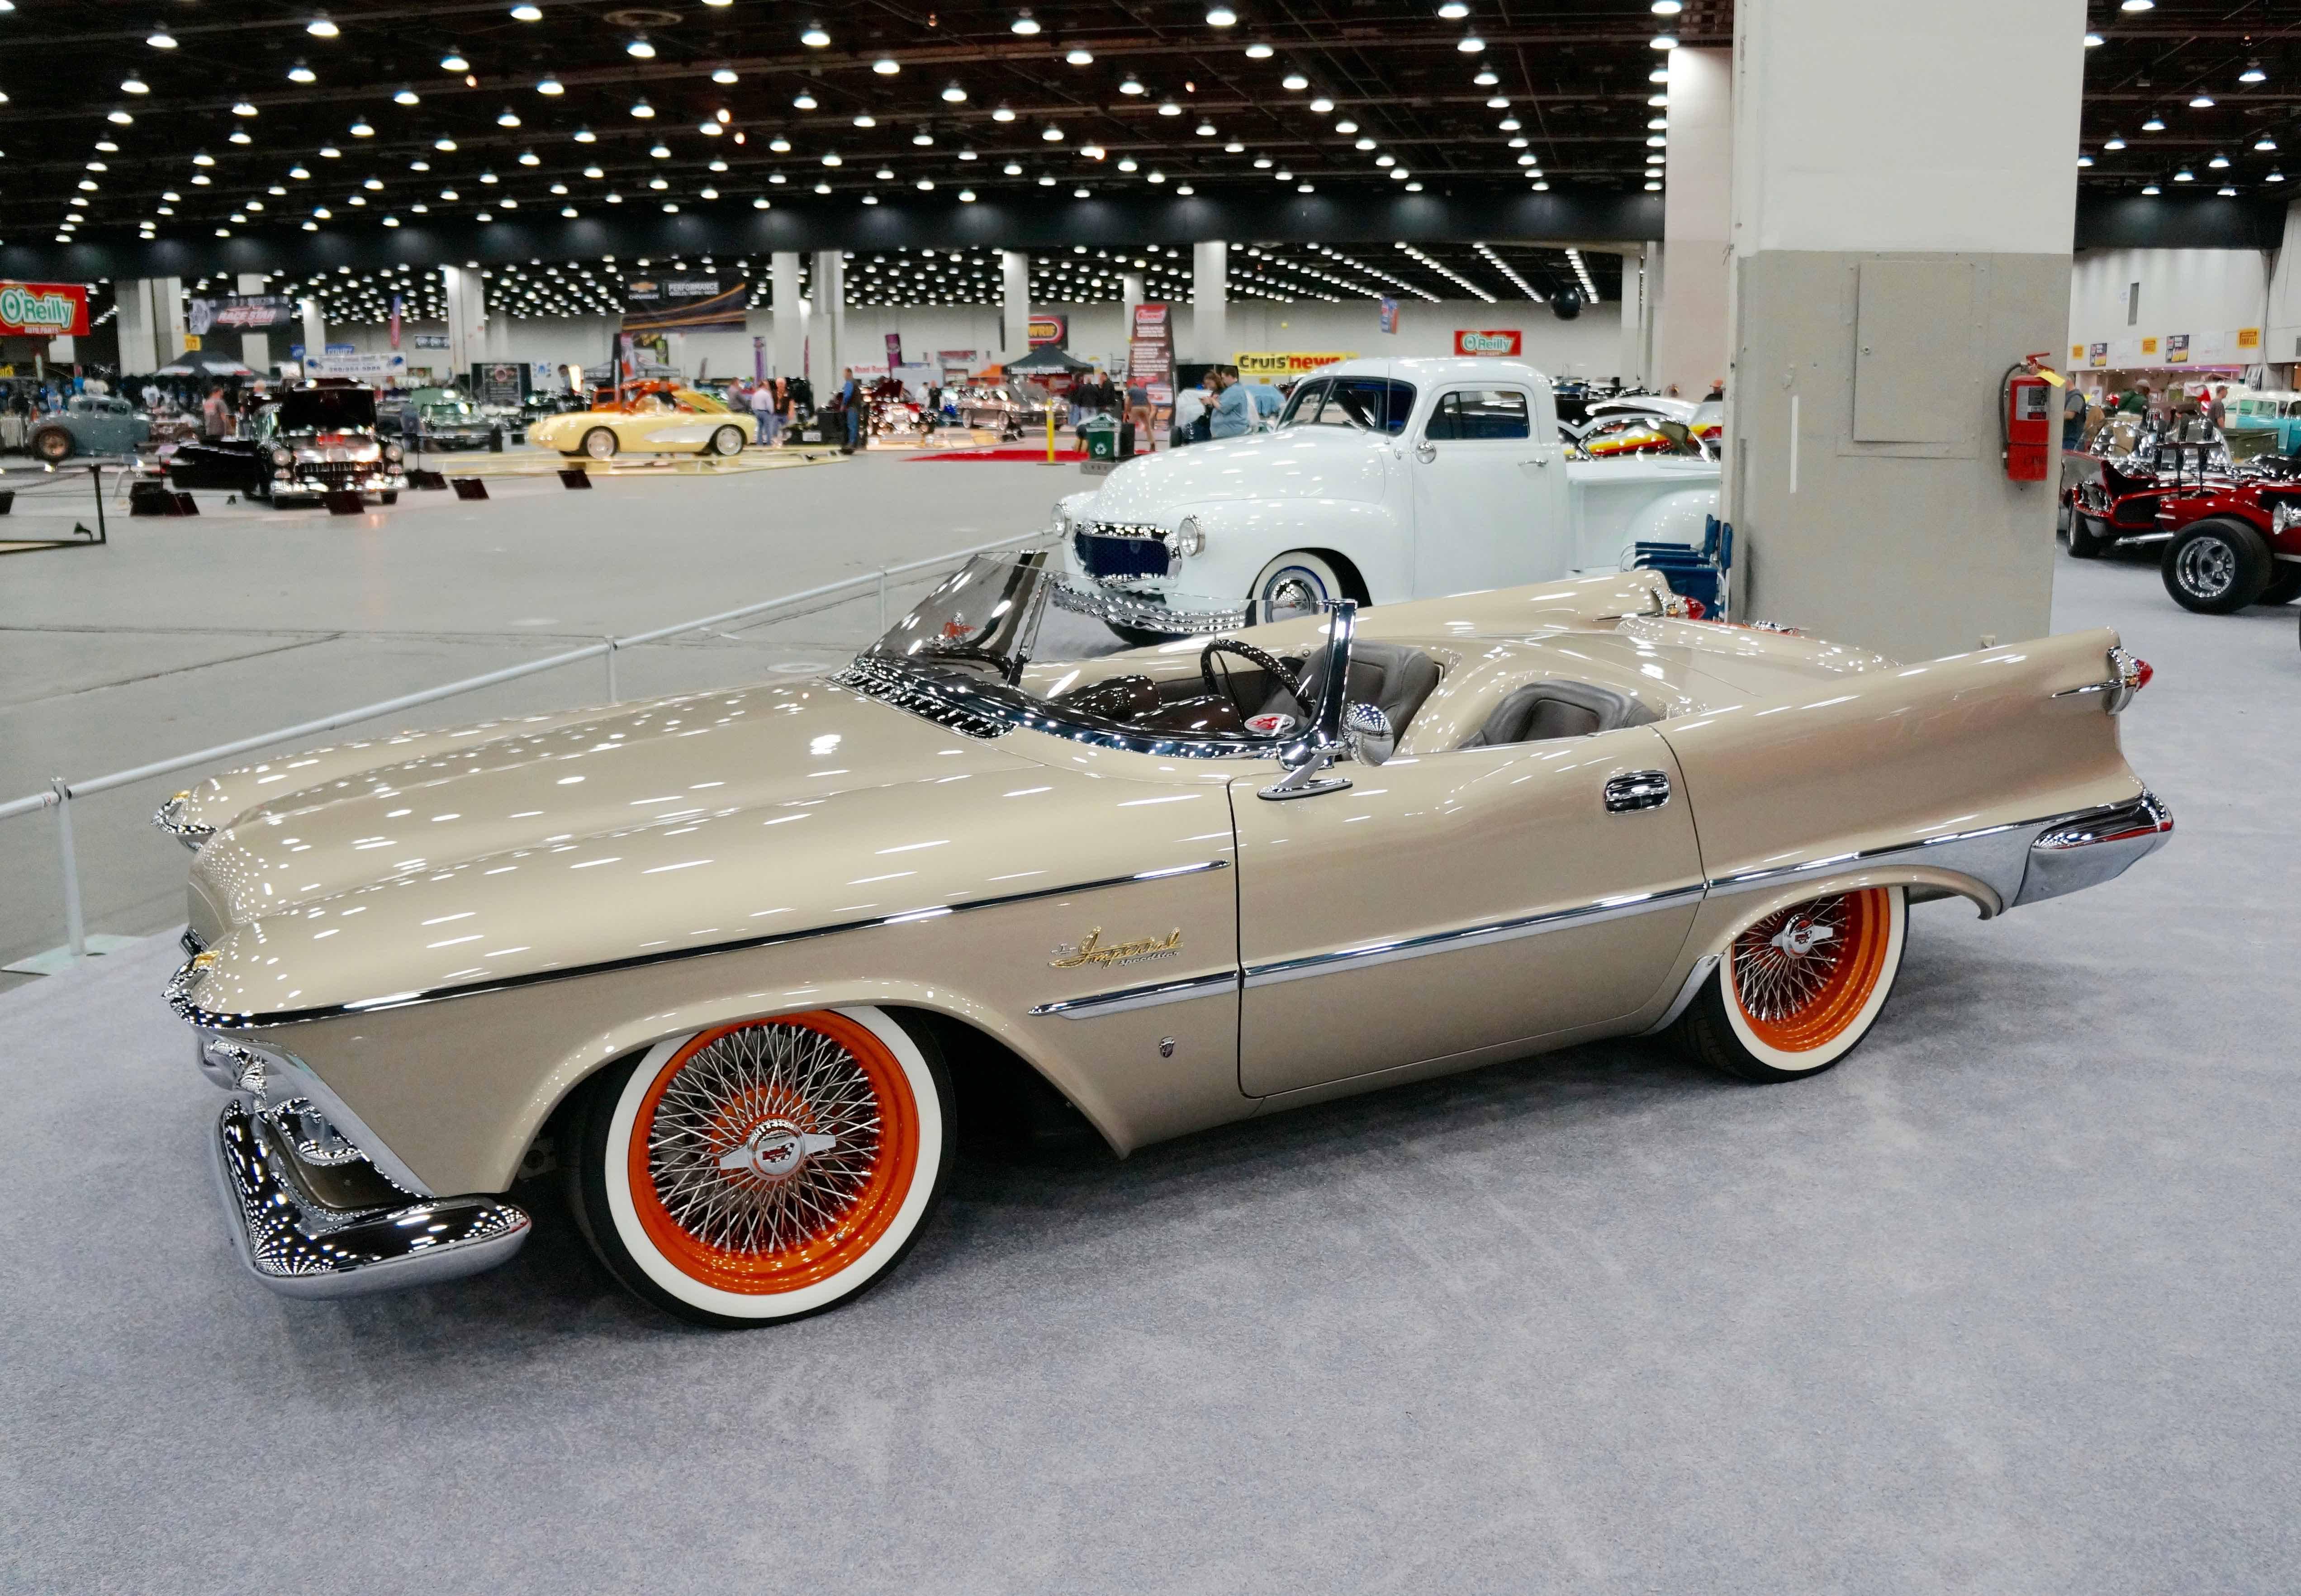 1959 Chrysler Imperial Speedster